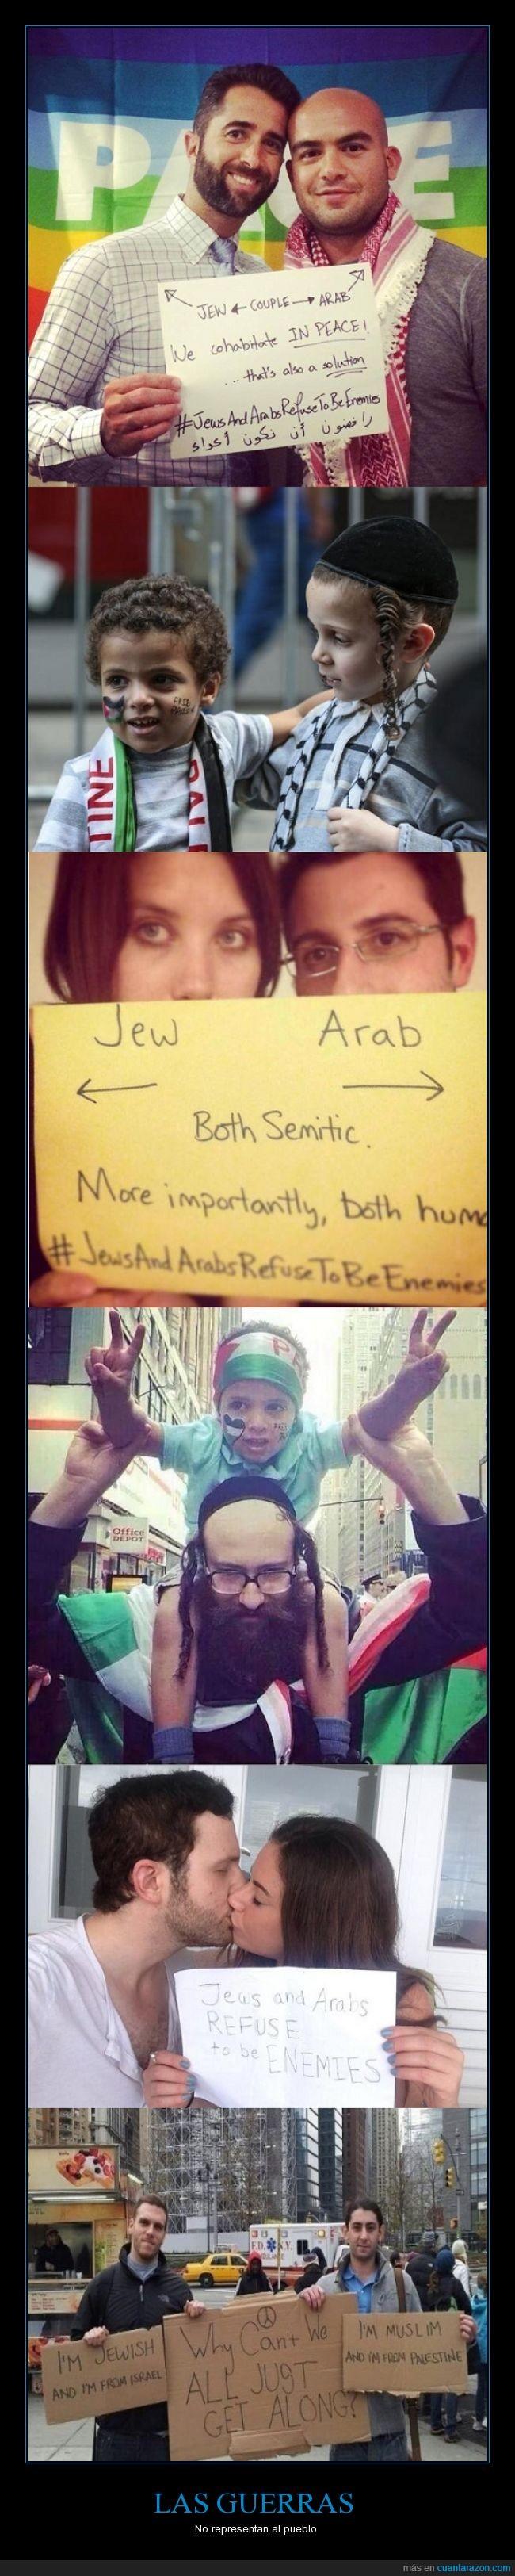 guerra,Israel,juntos,Palestina,paz,pueblo